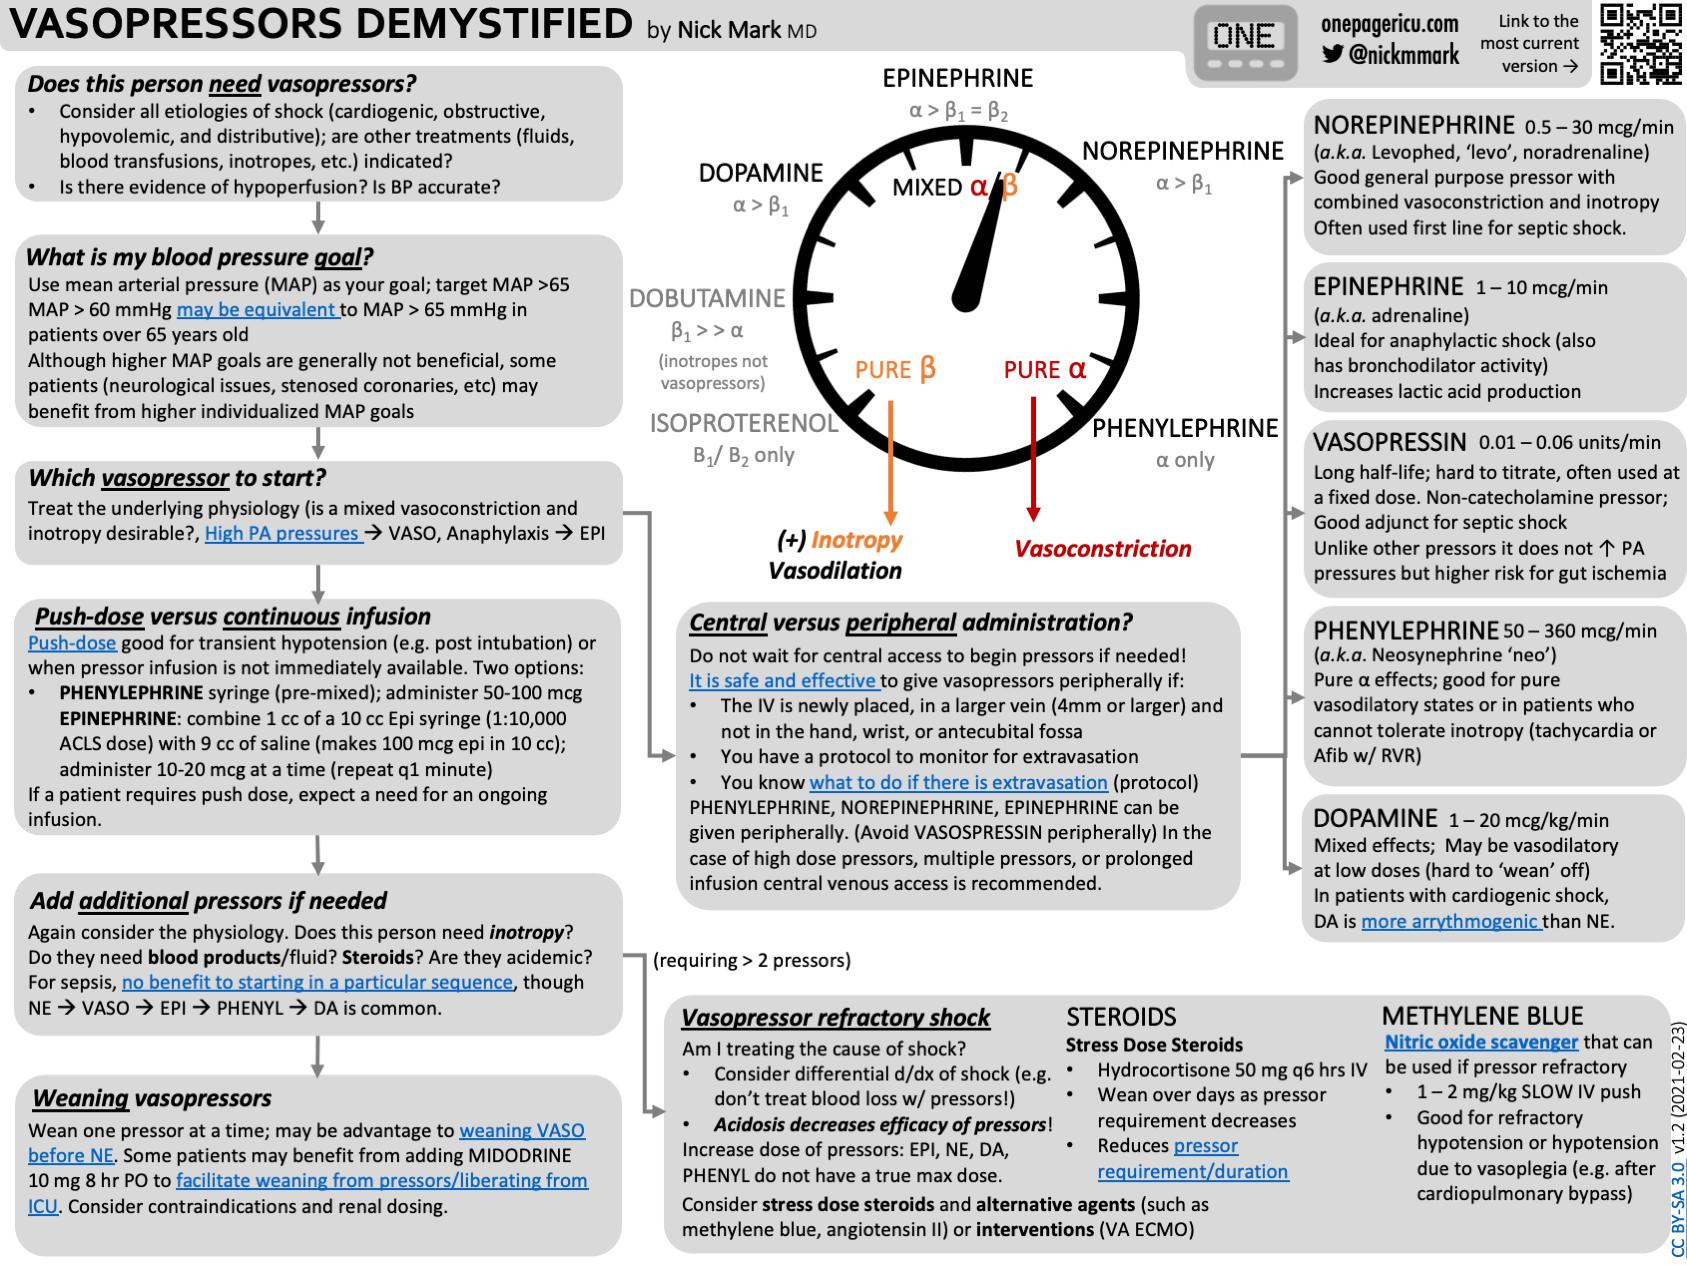 Vasopressors overview